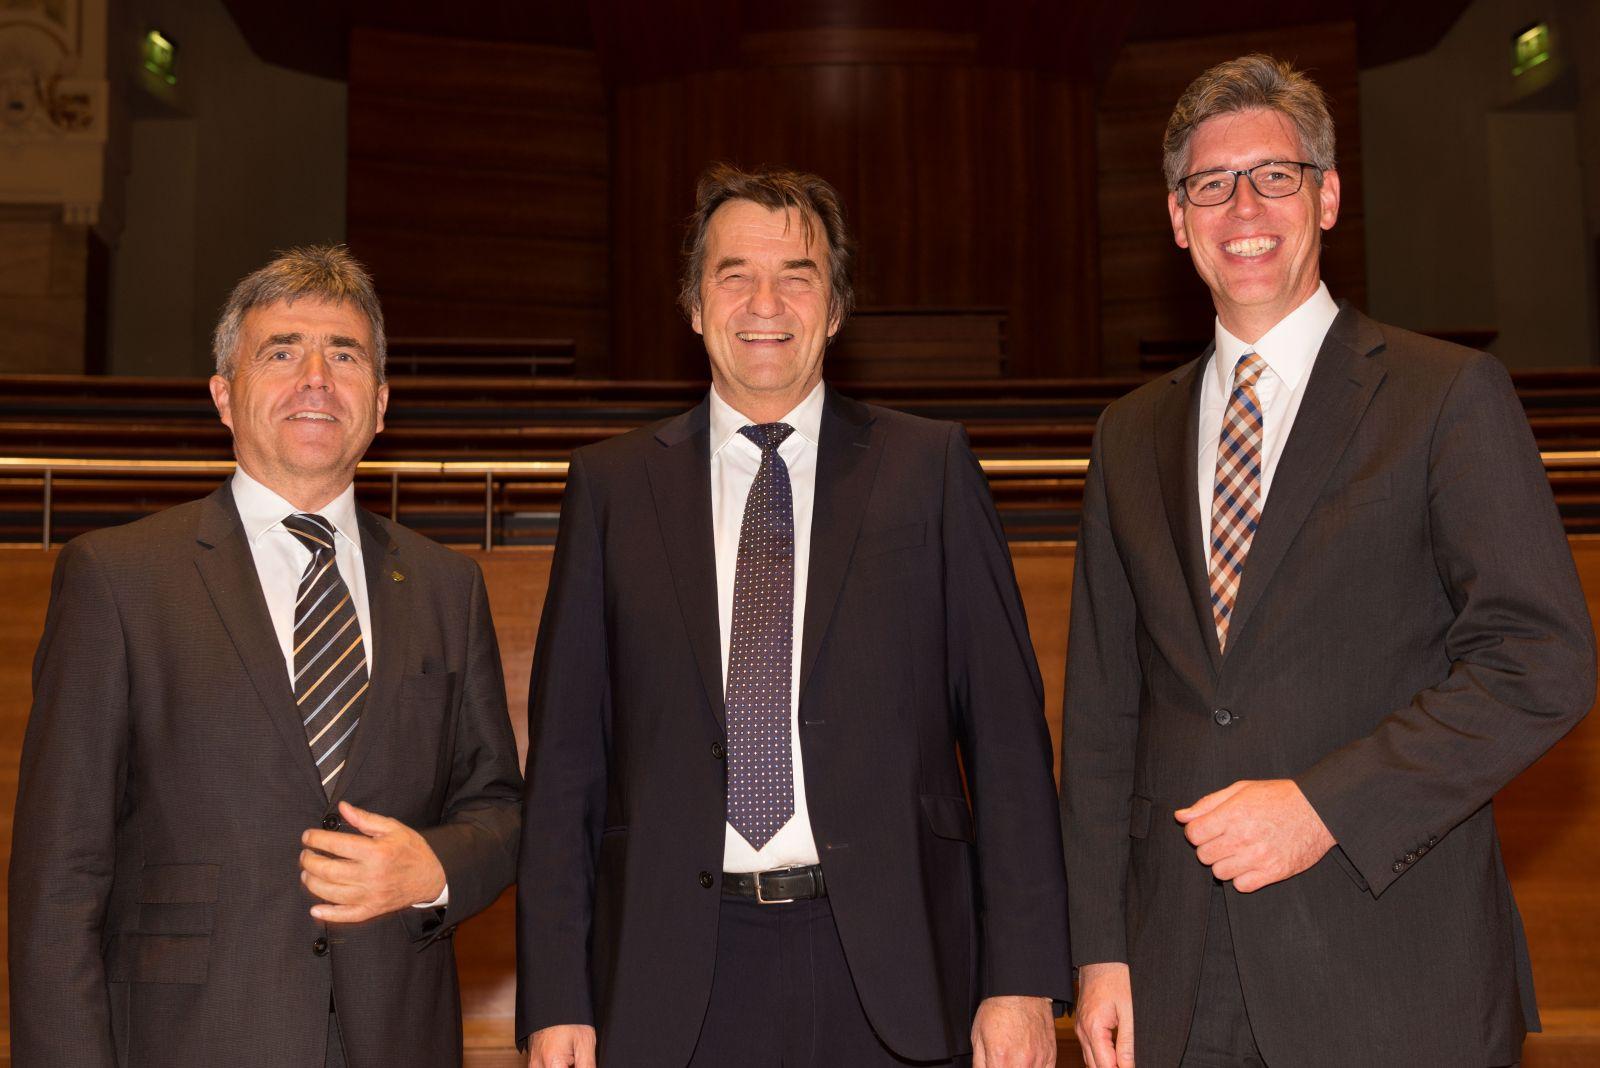 VKA-Präsident Dr. Thomas Böhle mit Landrat Michael Harig (links) und Oberbürgermeister Marcel Philipp.